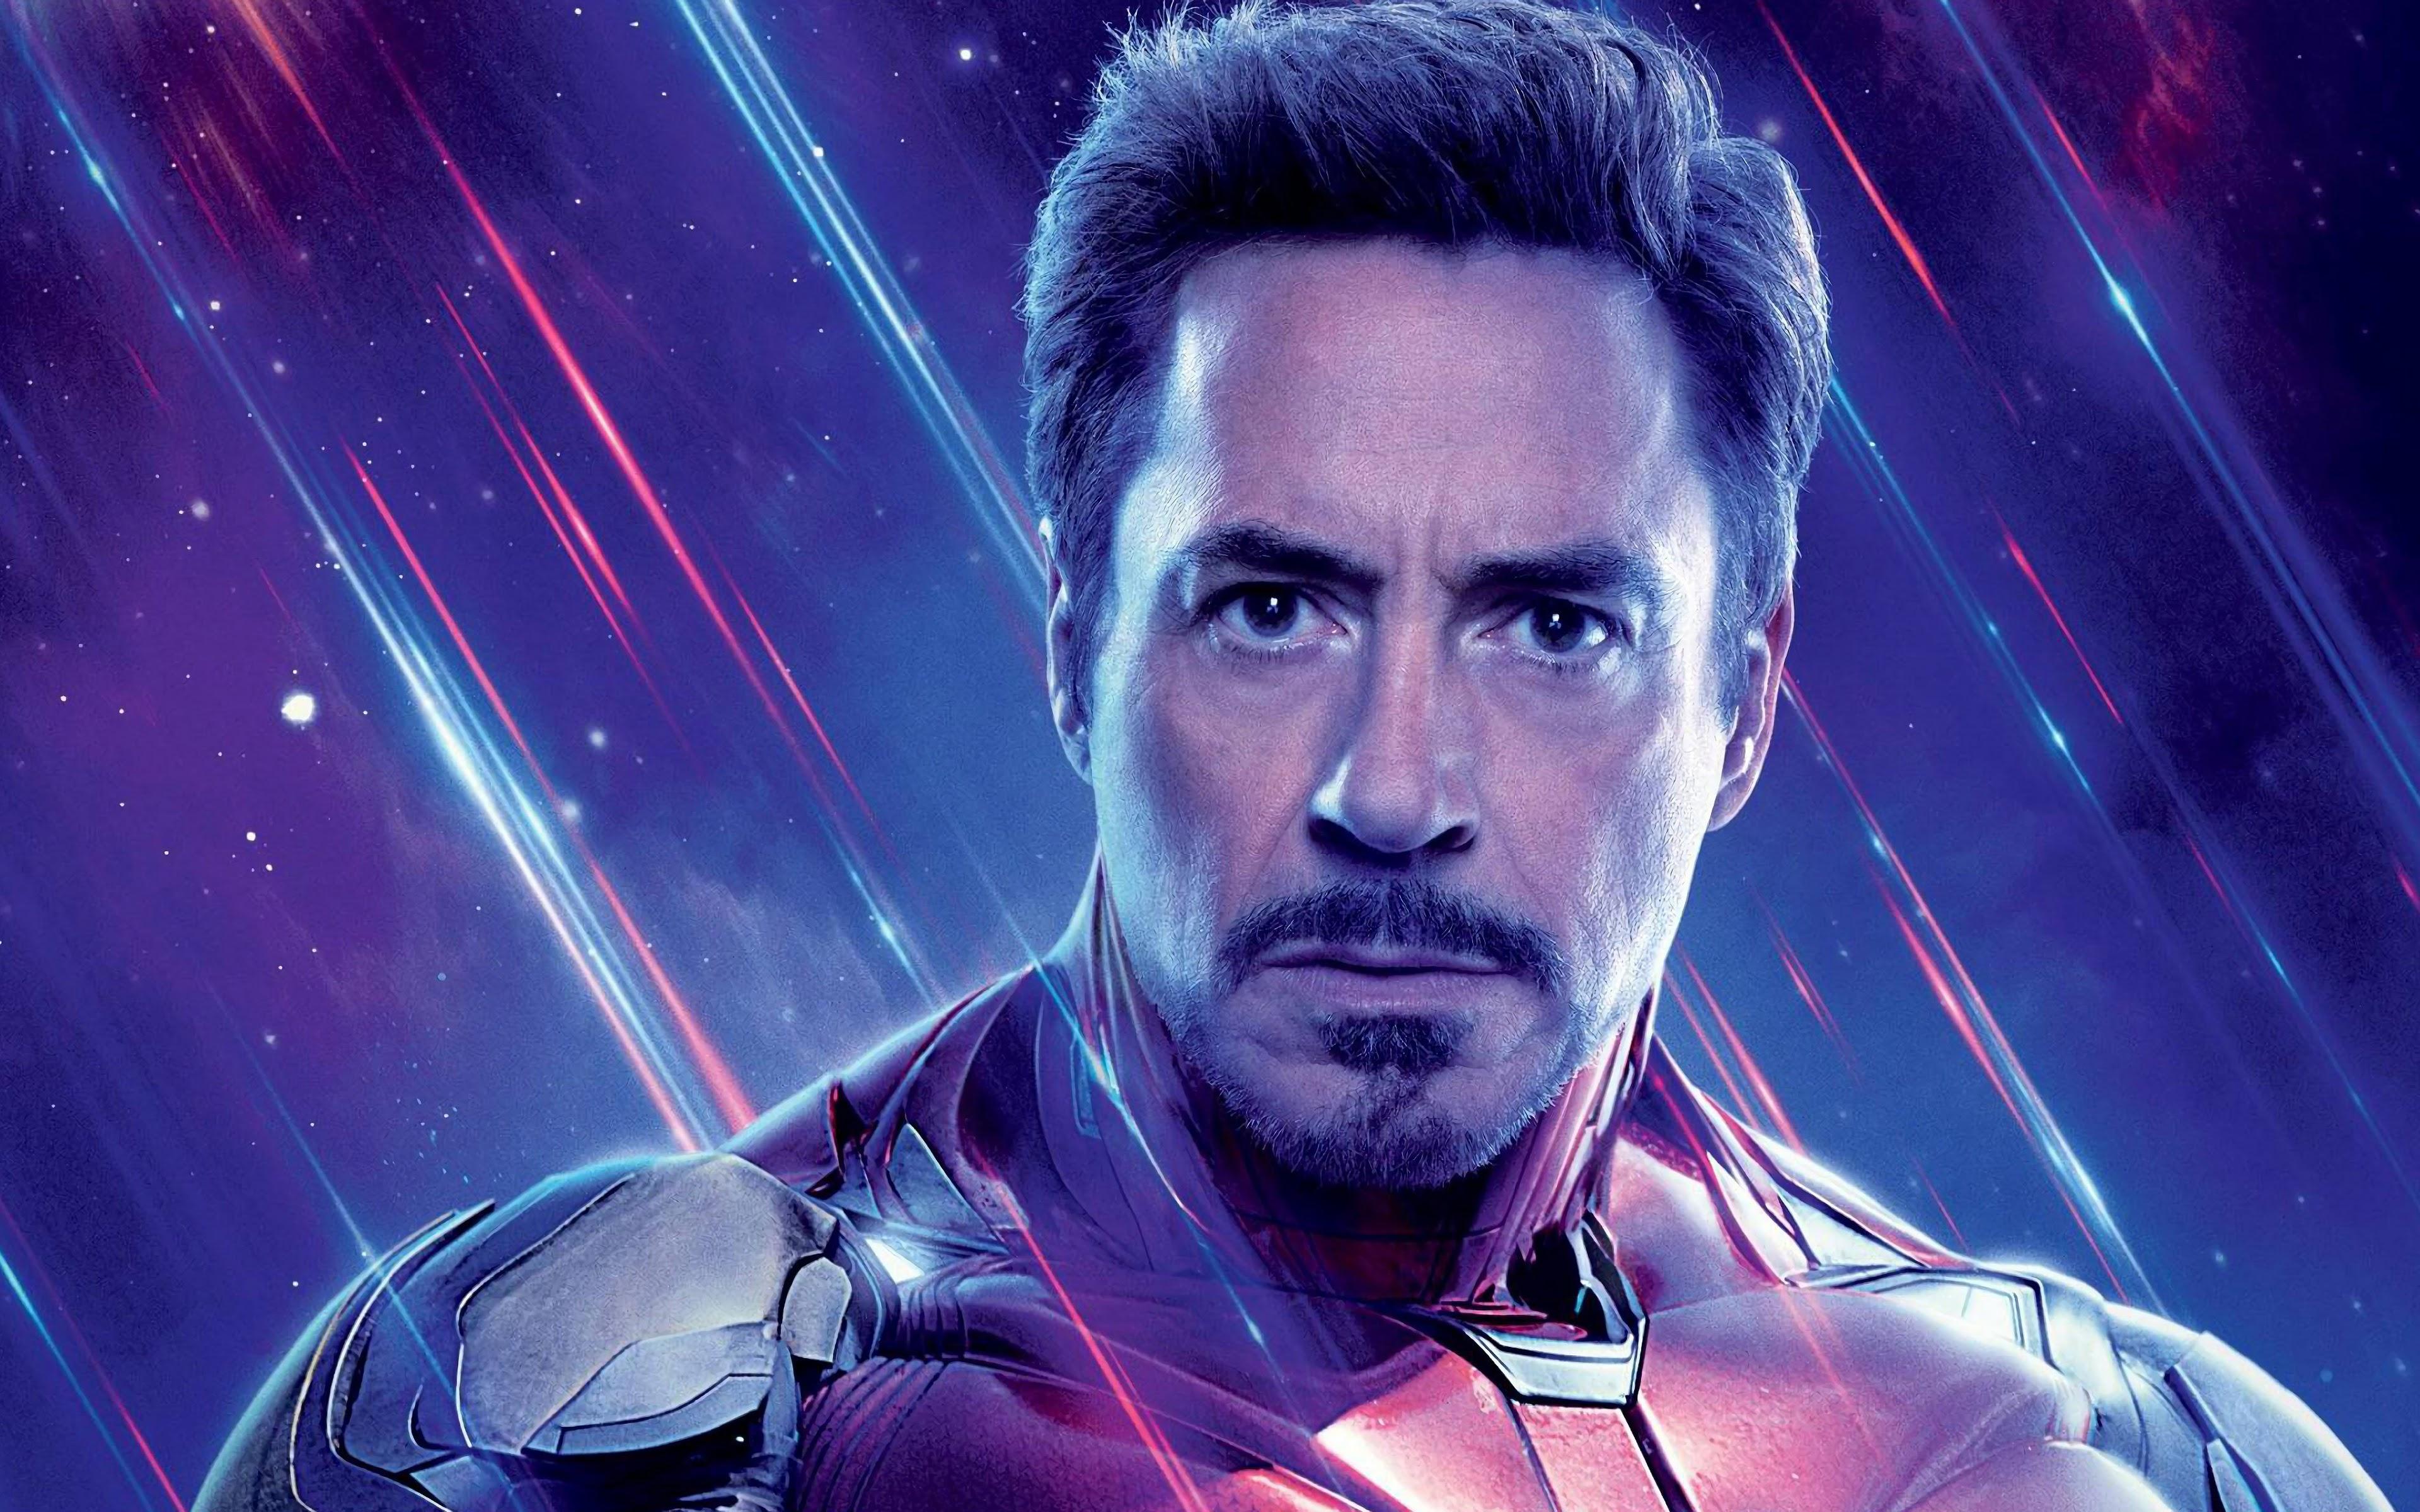 Avengers Endgame Iron Man Tony Stark 4k Wallpaper 82